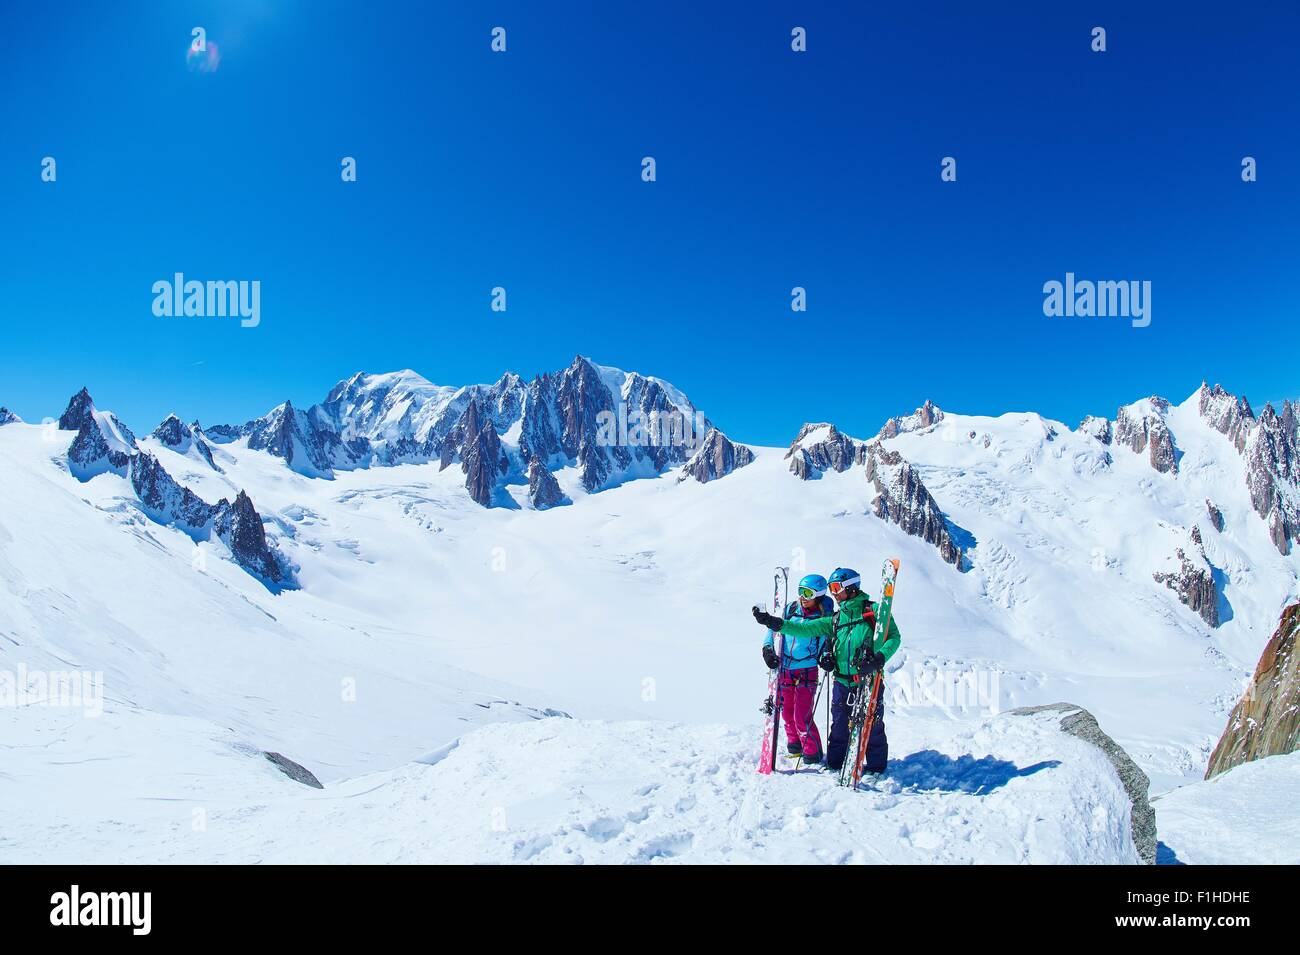 Mâles et femelles matures skieurs sur ridge au massif du Mont Blanc, Graian Alps, France Photo Stock